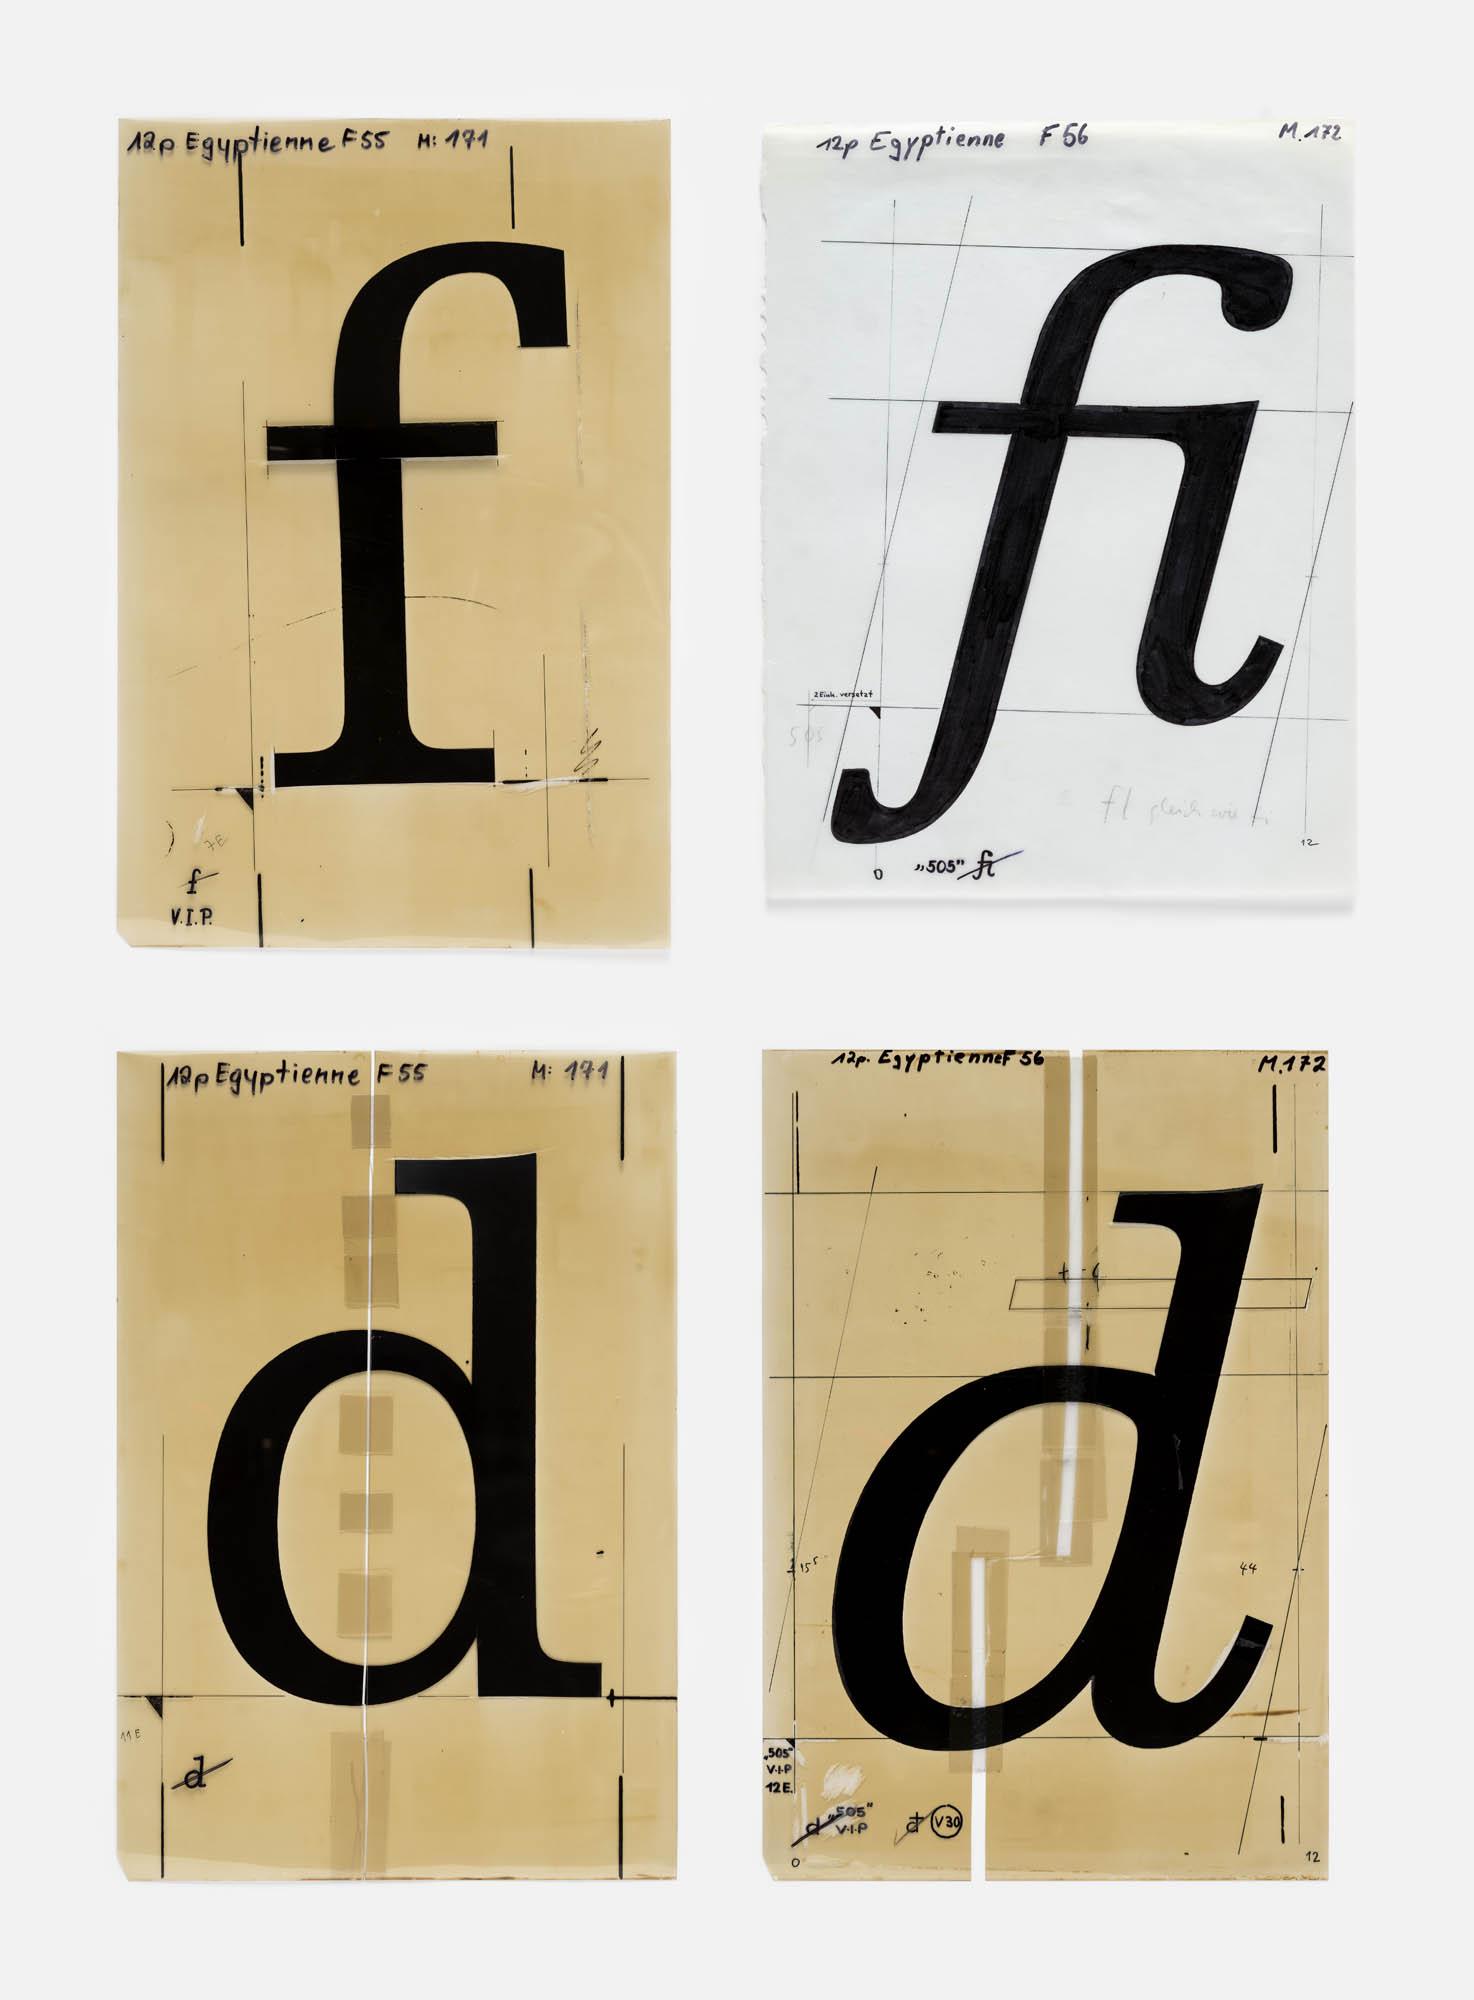 (Vorstudie zur Egyptienne F), ABC ... Adrian Frutiger Schriftentwurf